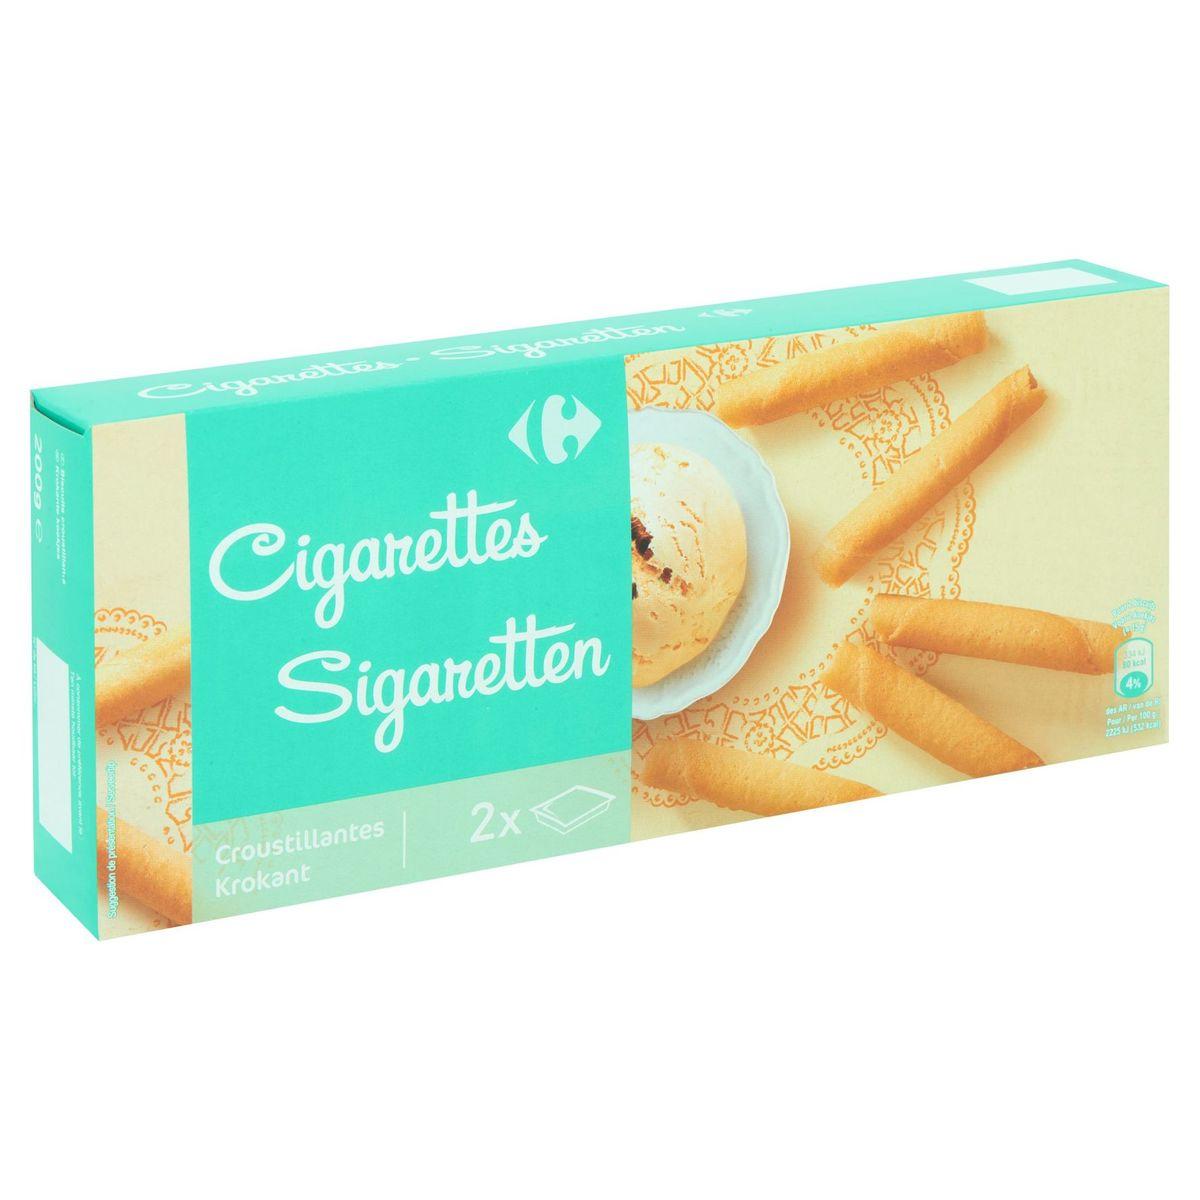 Carrefour Cigarettes Croustillantes 2 x Barquette 200 g